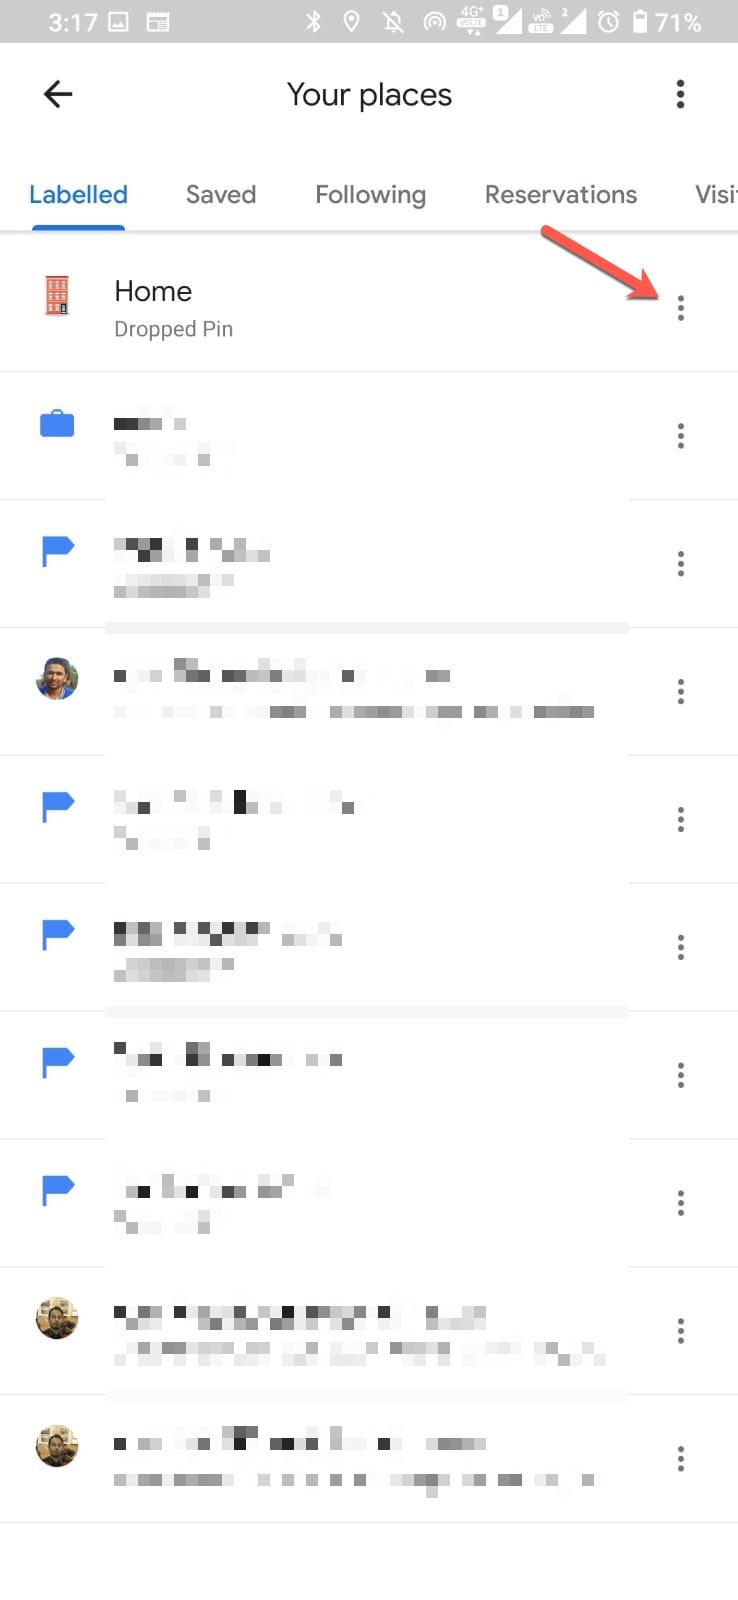 Google Xəritələrdən istifadə edərək işə və ya evə daha sürətli gedin 3